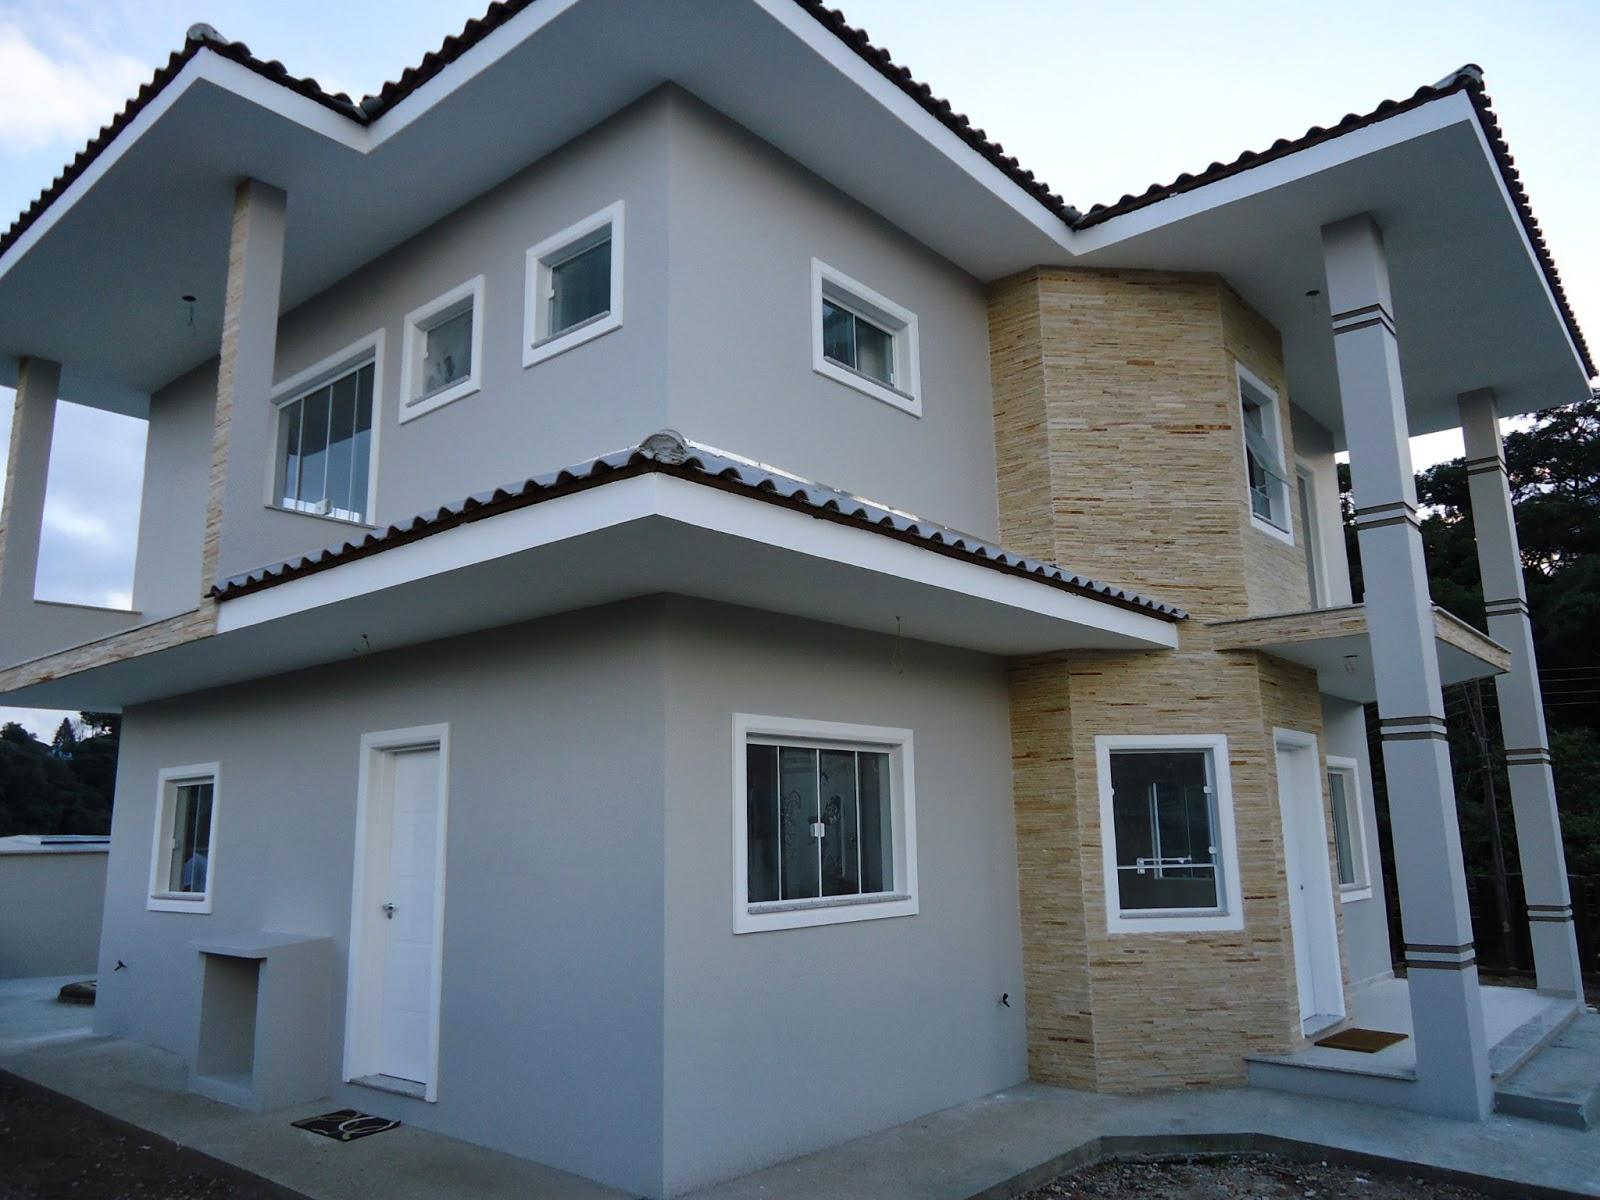 Related pictures fachadas casas infonavit dos plantas for Fachadas de casas pintadas